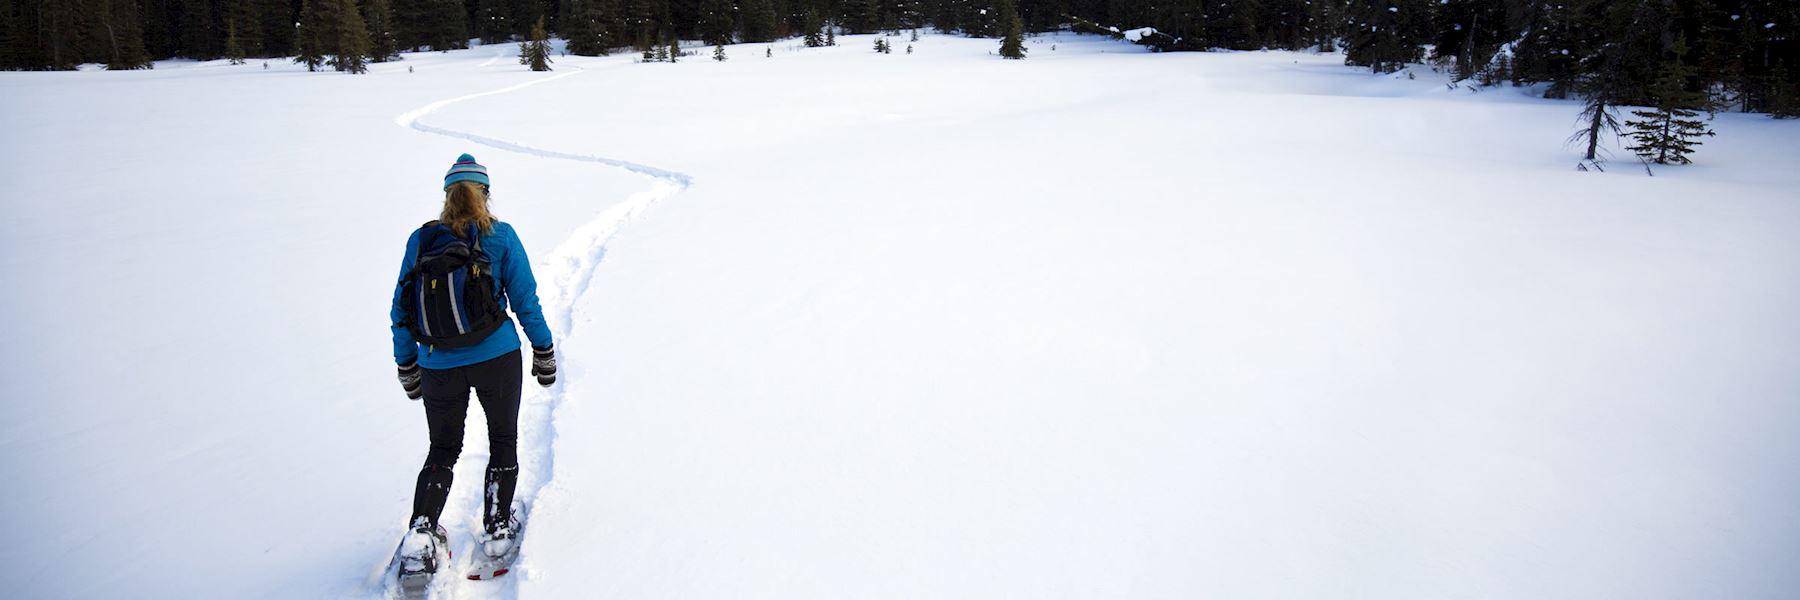 Snowshoe tour of Jasper's alpine wilderness